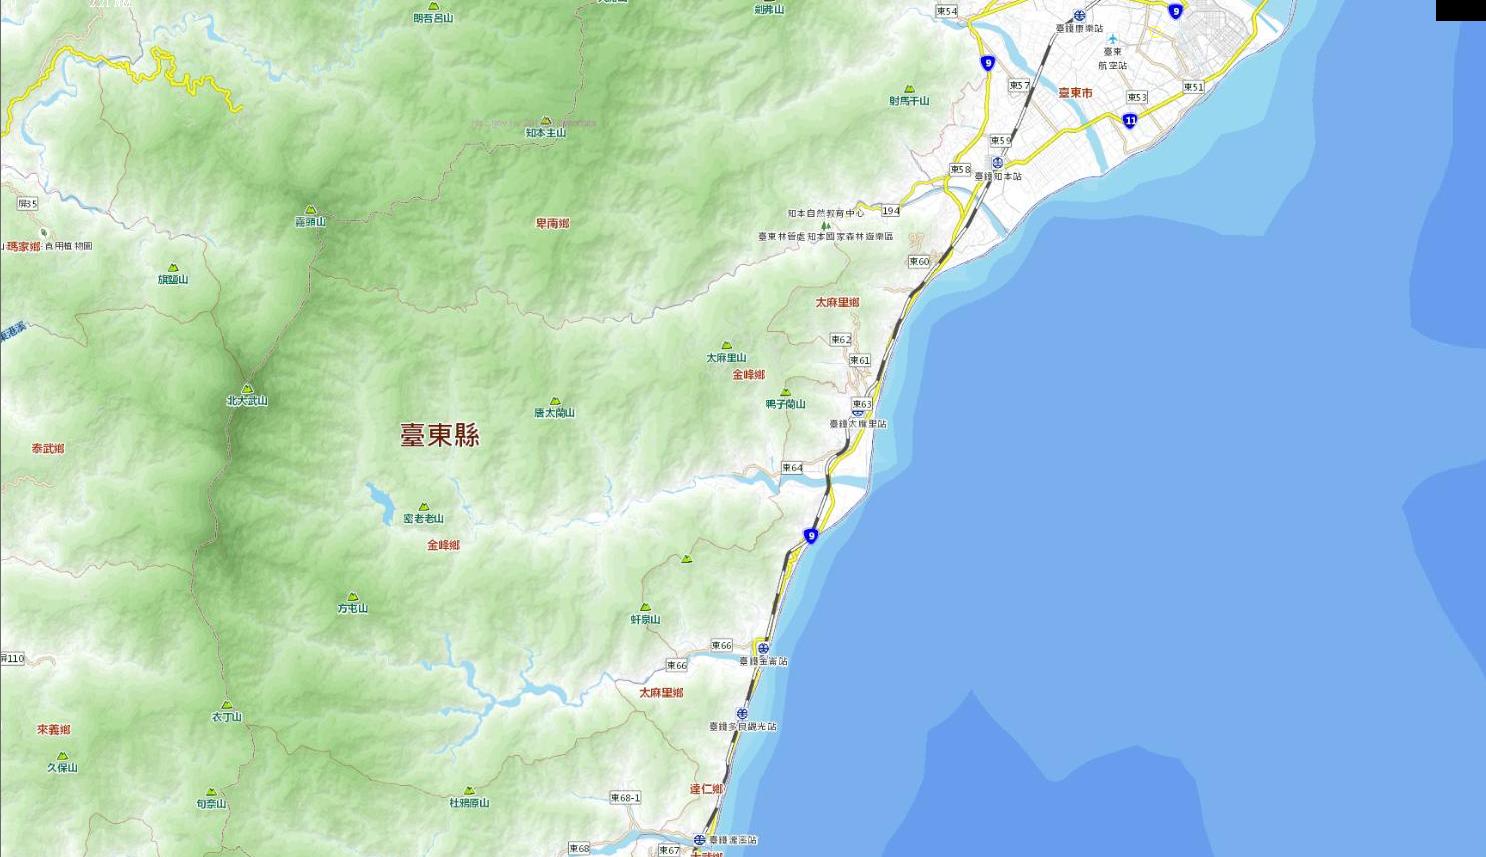 [8/28 更新] 政府地理圖資開放還算可以的突破-通用版電子地圖有 OpenData 版